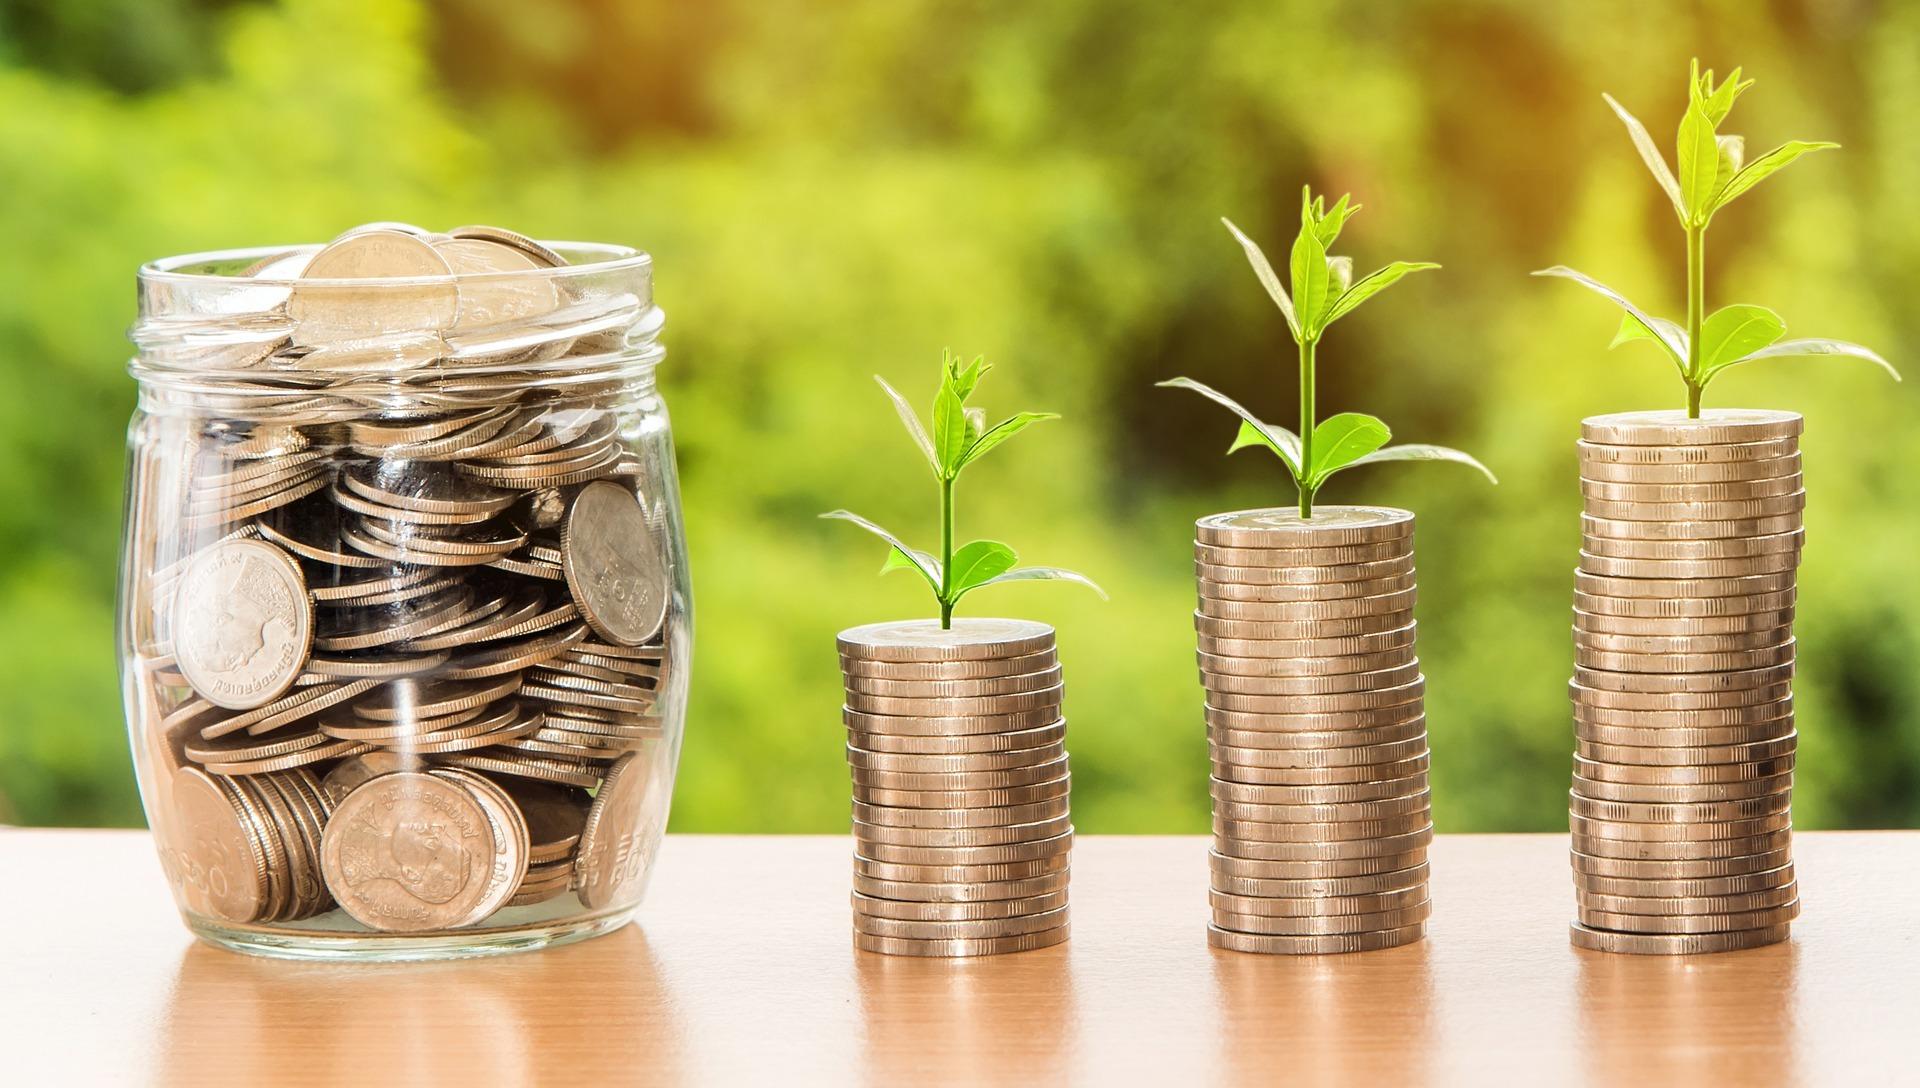 Pobierasz rentę lub emeryturę? Sprawdź, jak możesz podwyższyć swoje świadczenie.